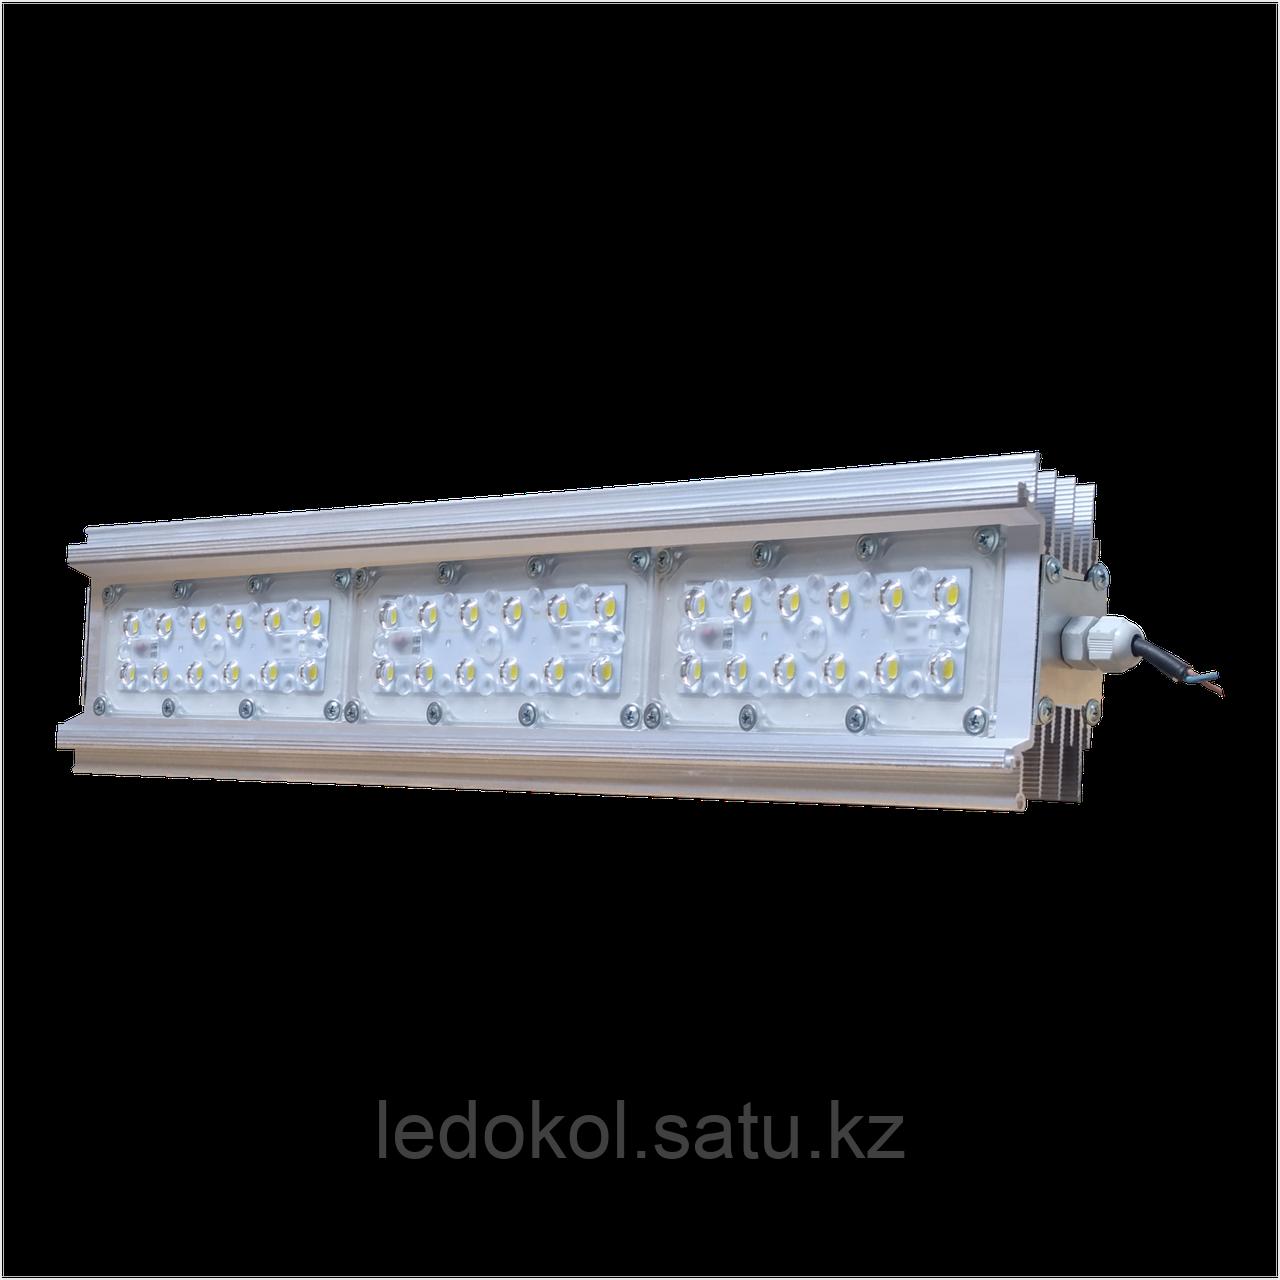 Светильник 120 Вт, Линзованный светодиодный